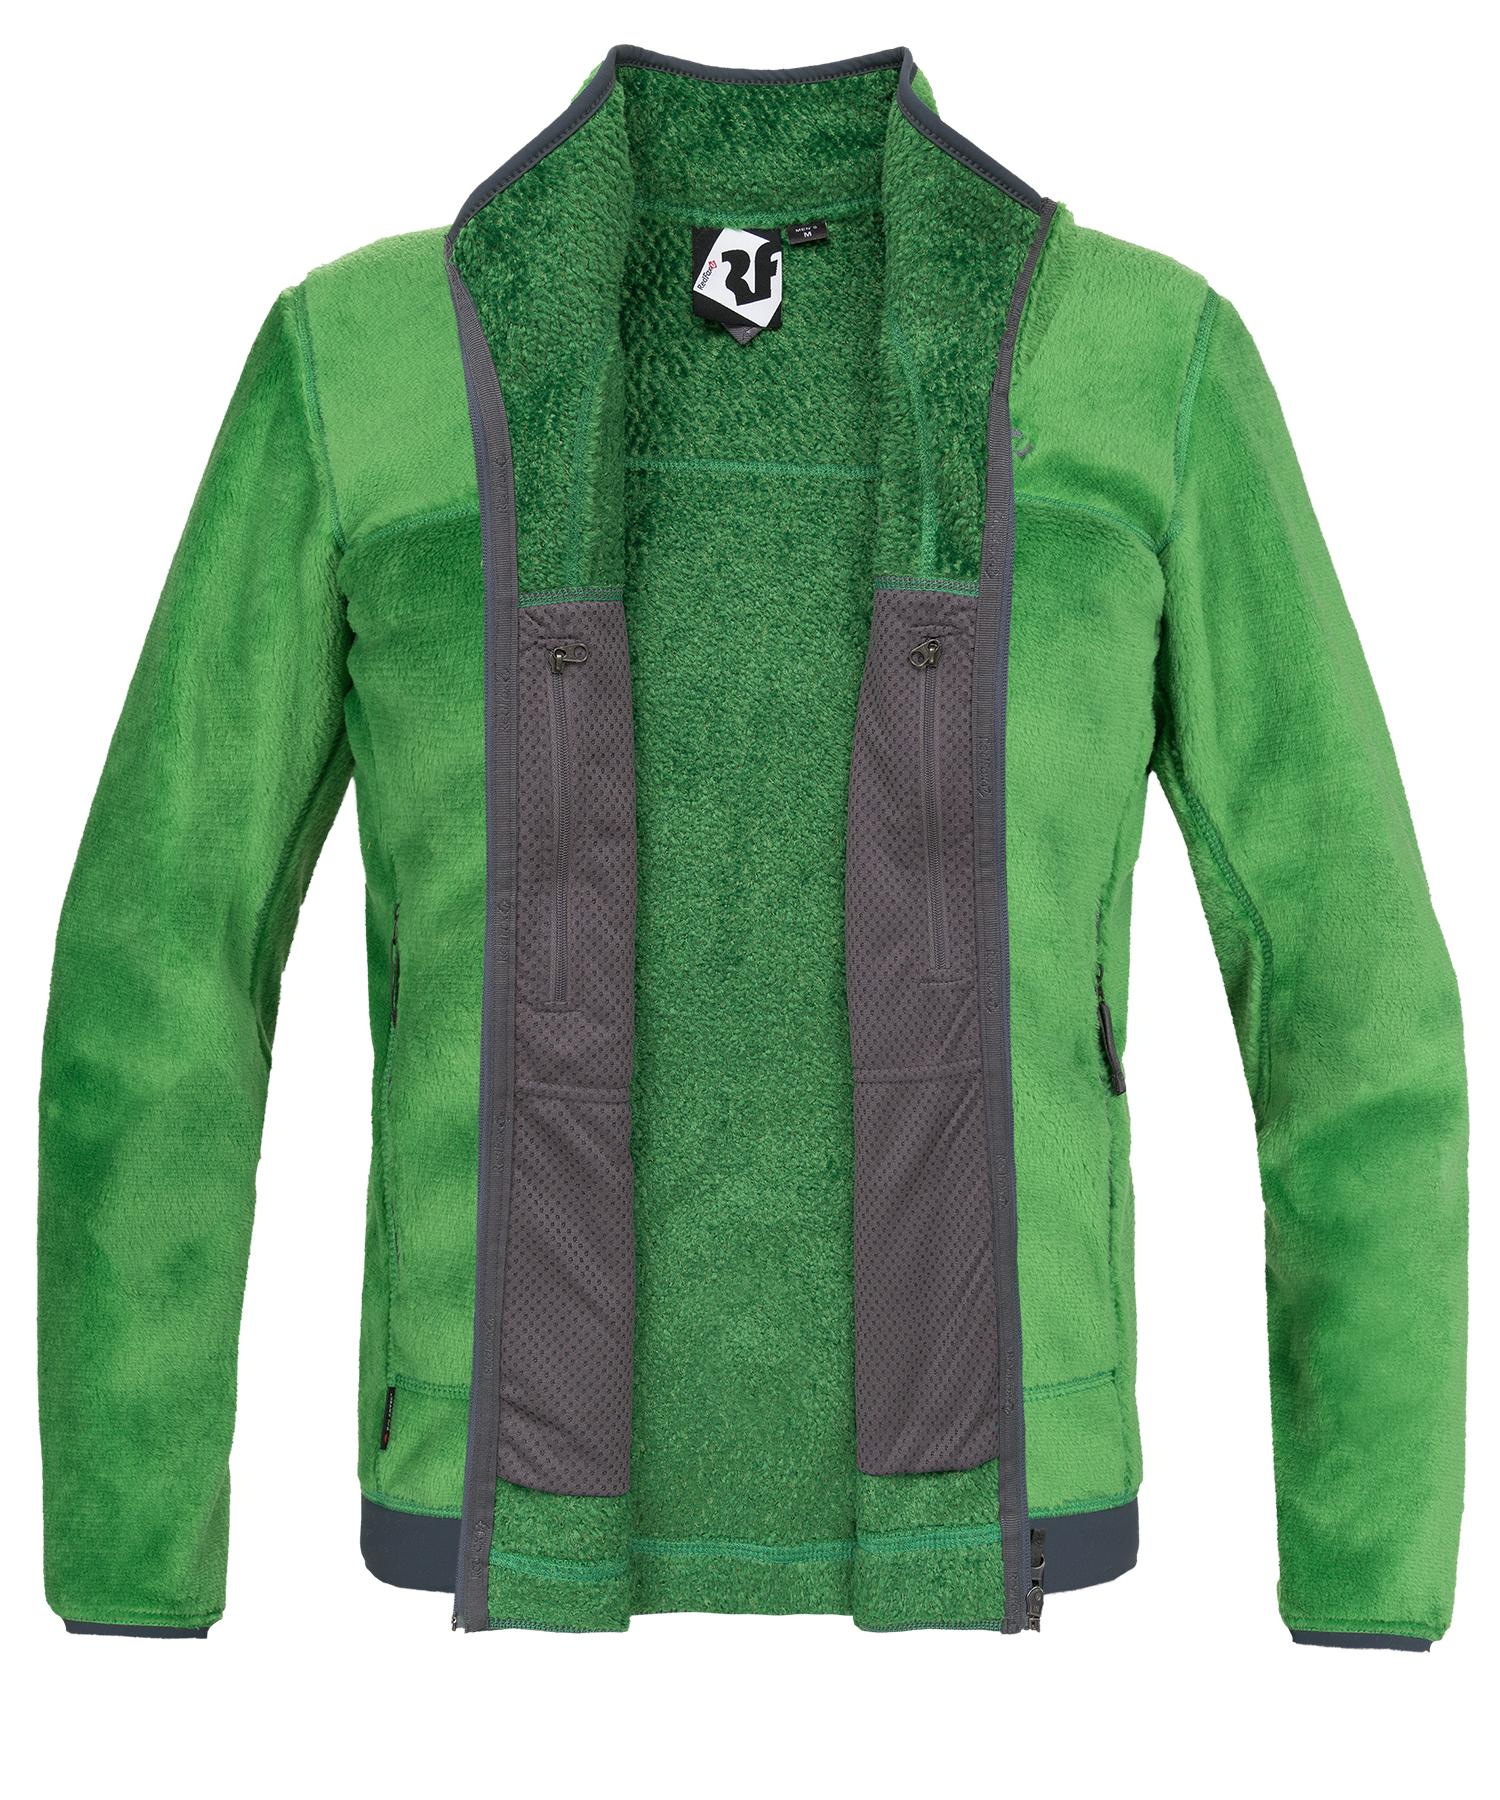 c617178d1cd Куртки RedFox. Официальный Интернет-Магазин RedFox в Москве ...